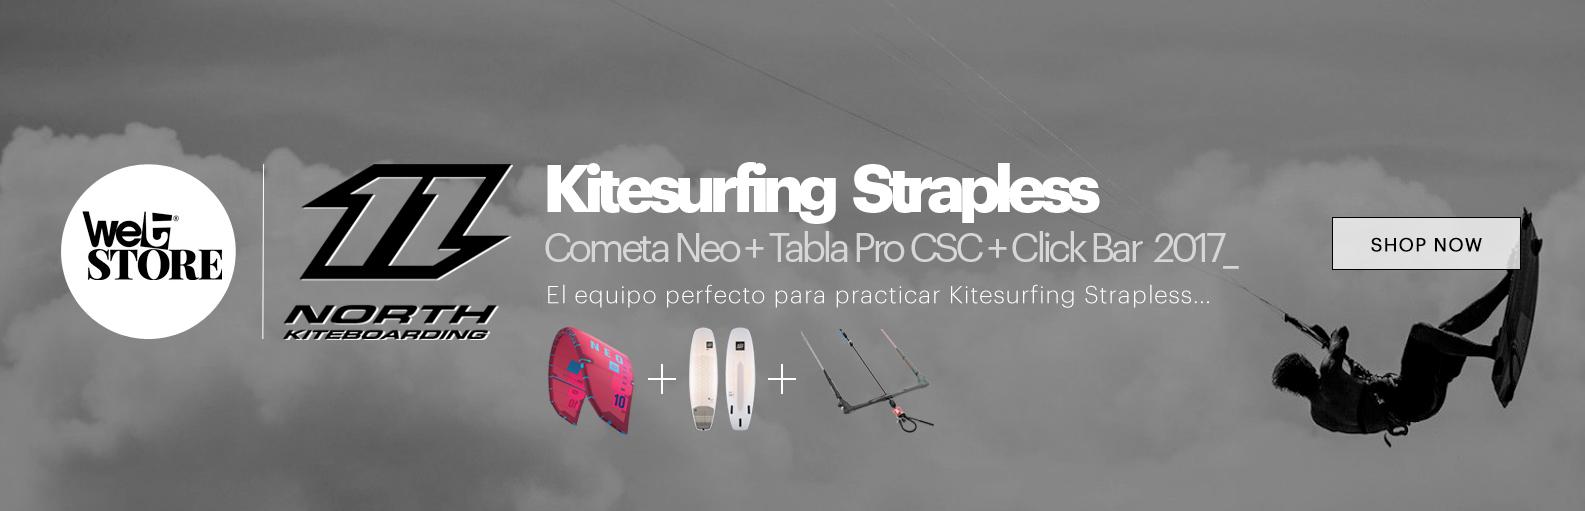 strapless-kitesurfing-banner